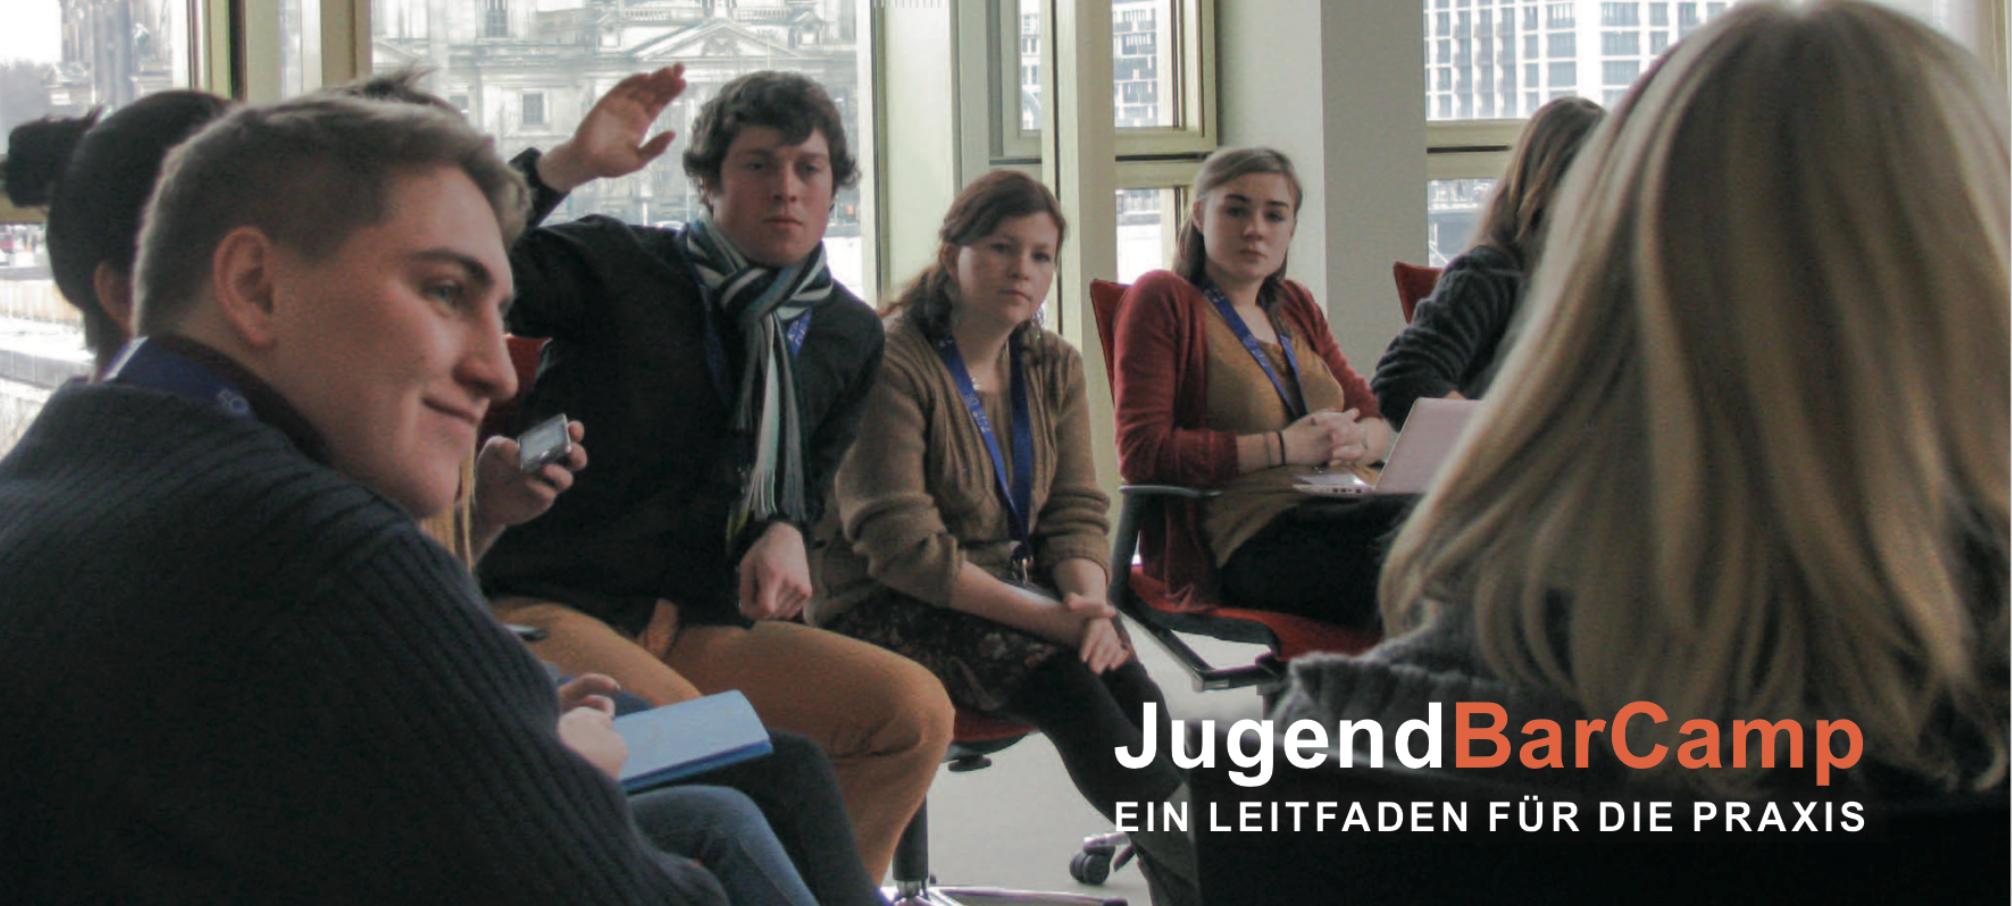 Leitfaden für Jugend-BarCamps